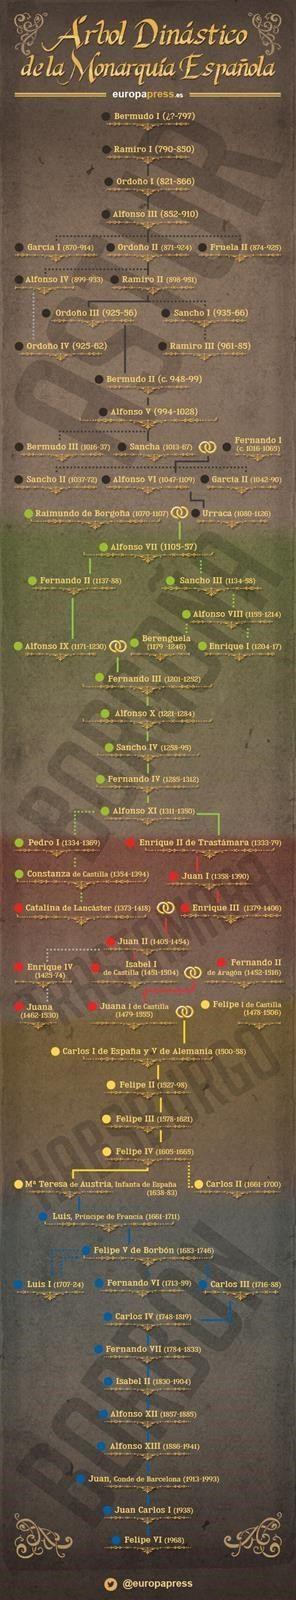 Felipe VI se convirtió, el 19 de junio de 2014, en el nuevo Rey de España. Se suma así a una larga línea dinástica que se remonta hasta el siglo VIII y que...